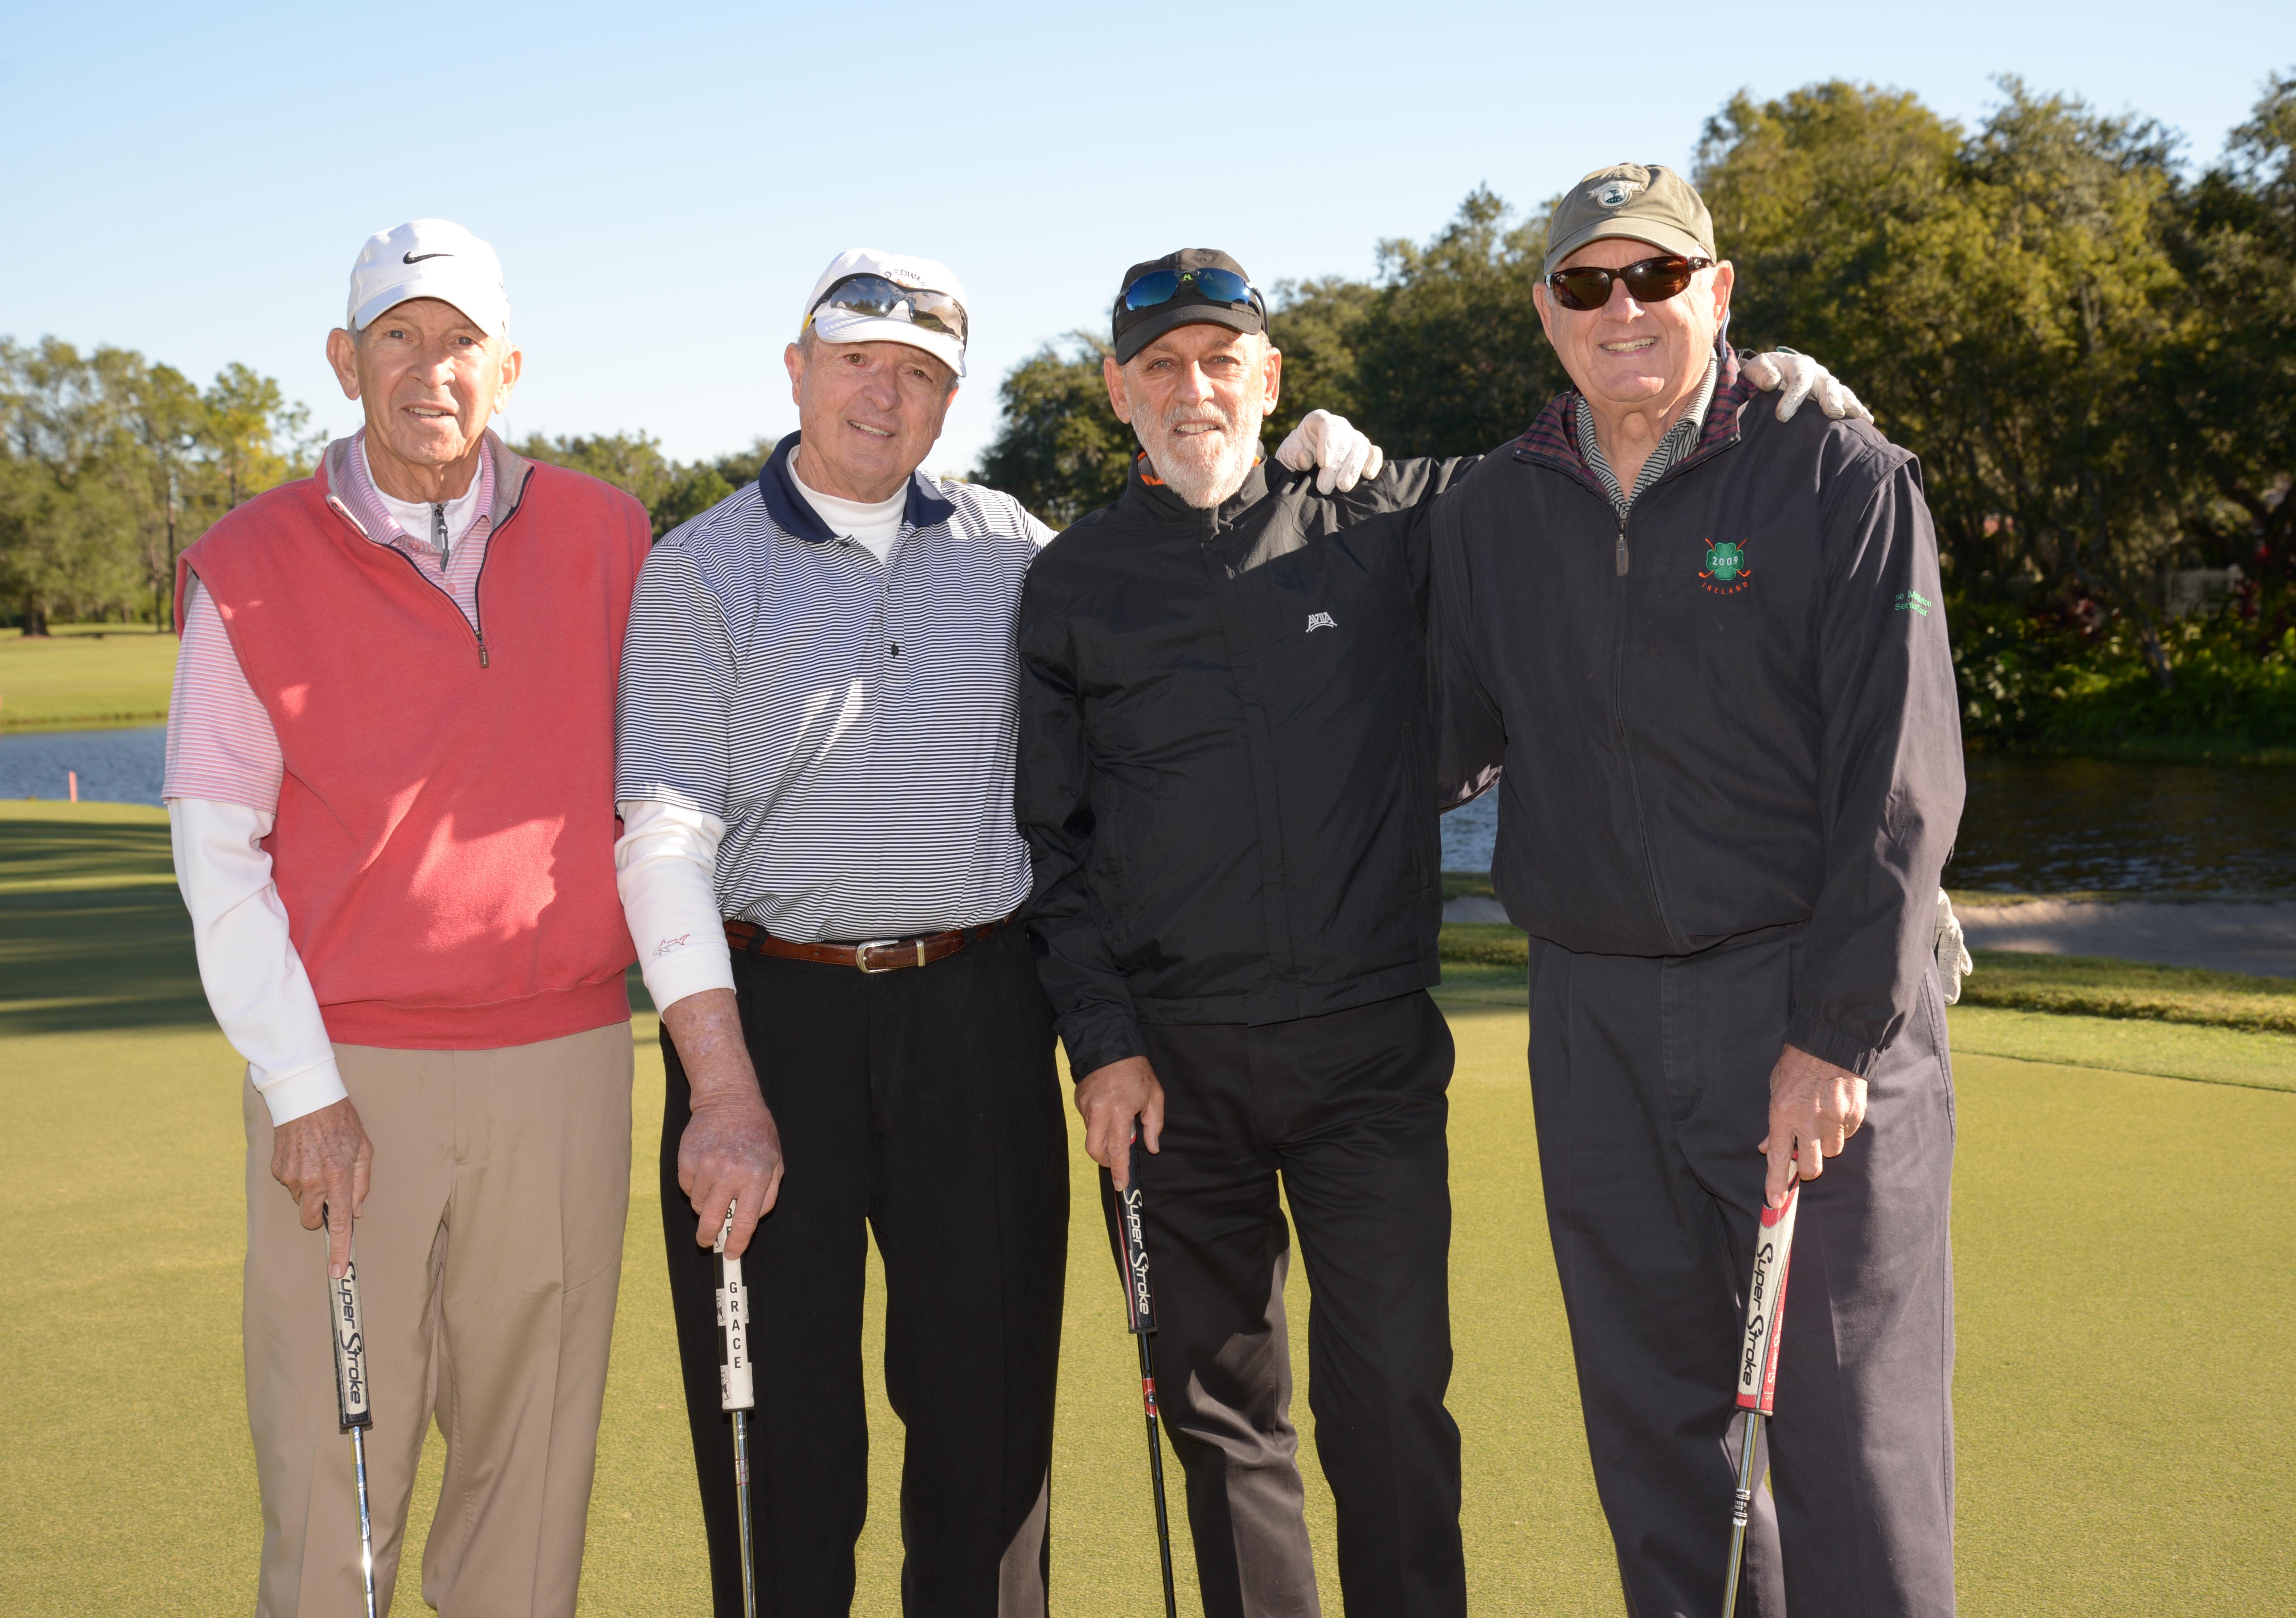 Les Muma, Joe Taggart, Sol Fleischman, and Dick Beard.